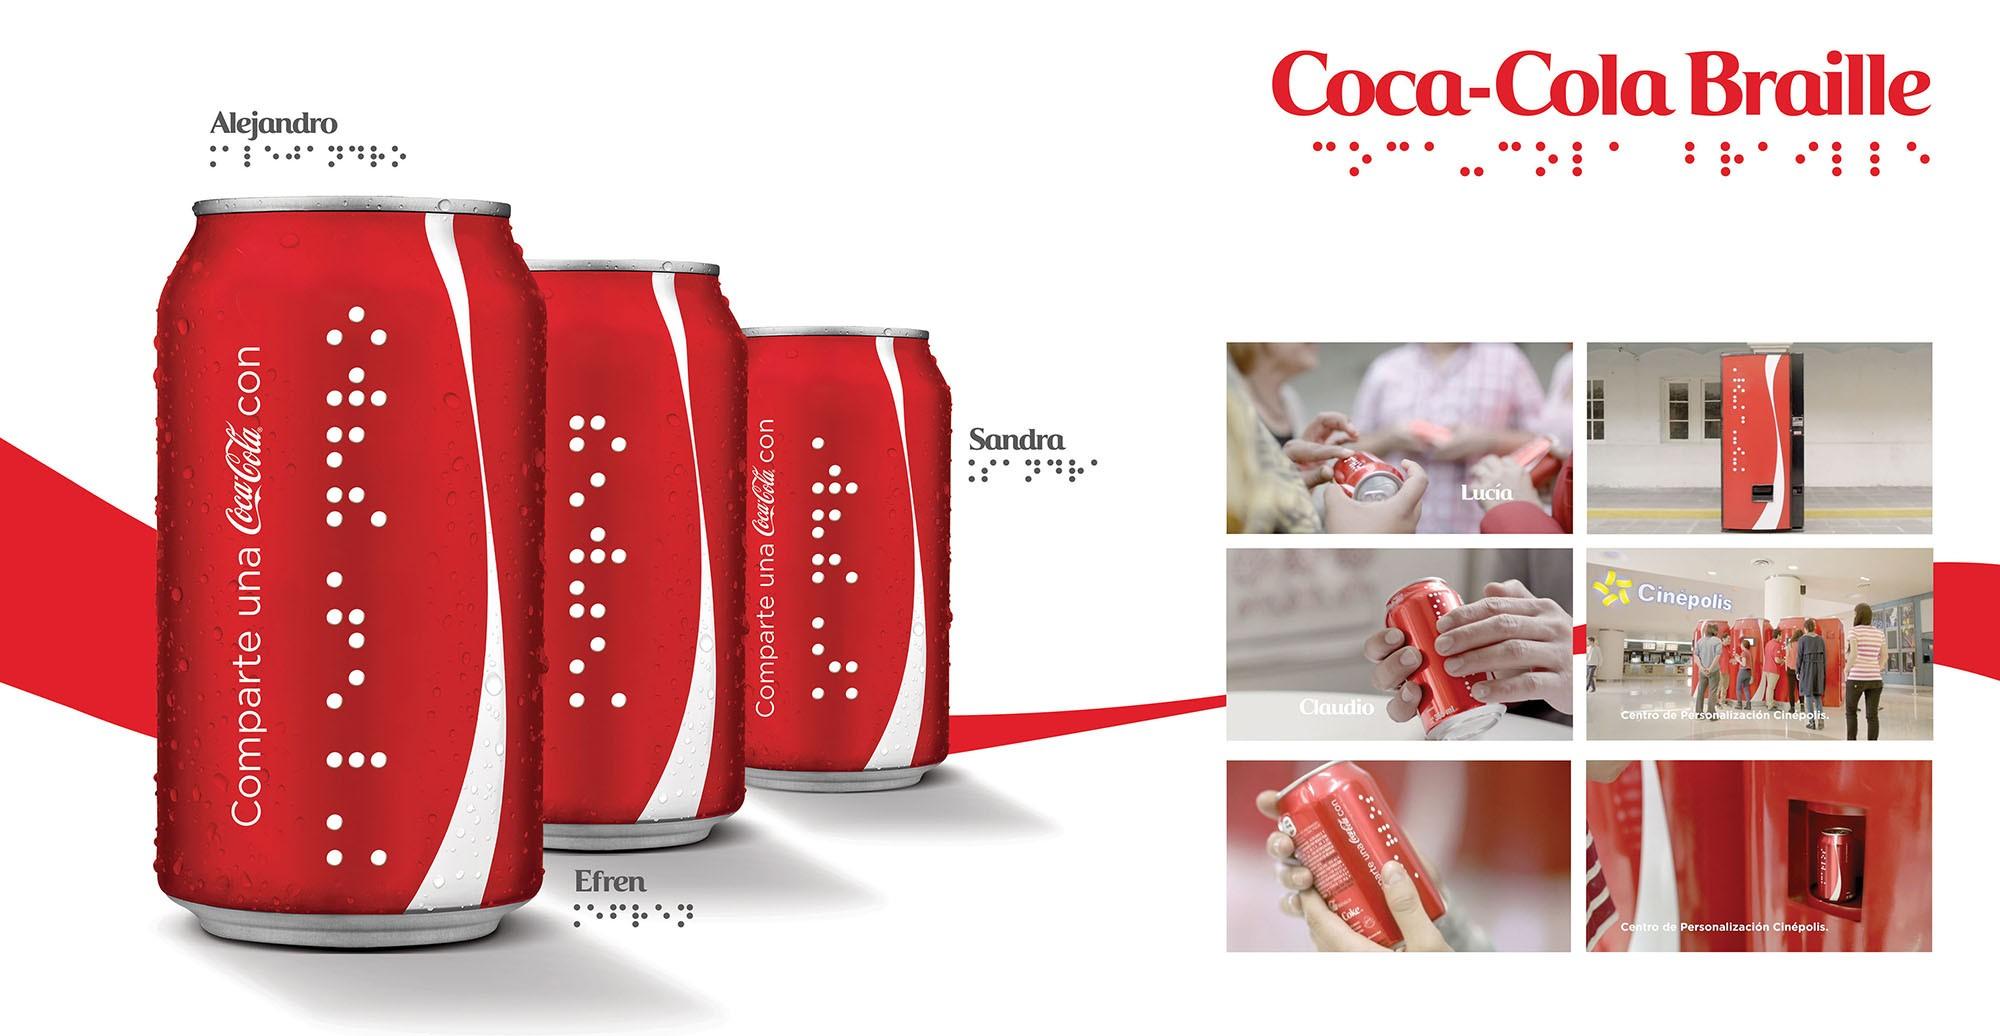 Découvrez l'opération Partagez un Coca-Cola … en braille